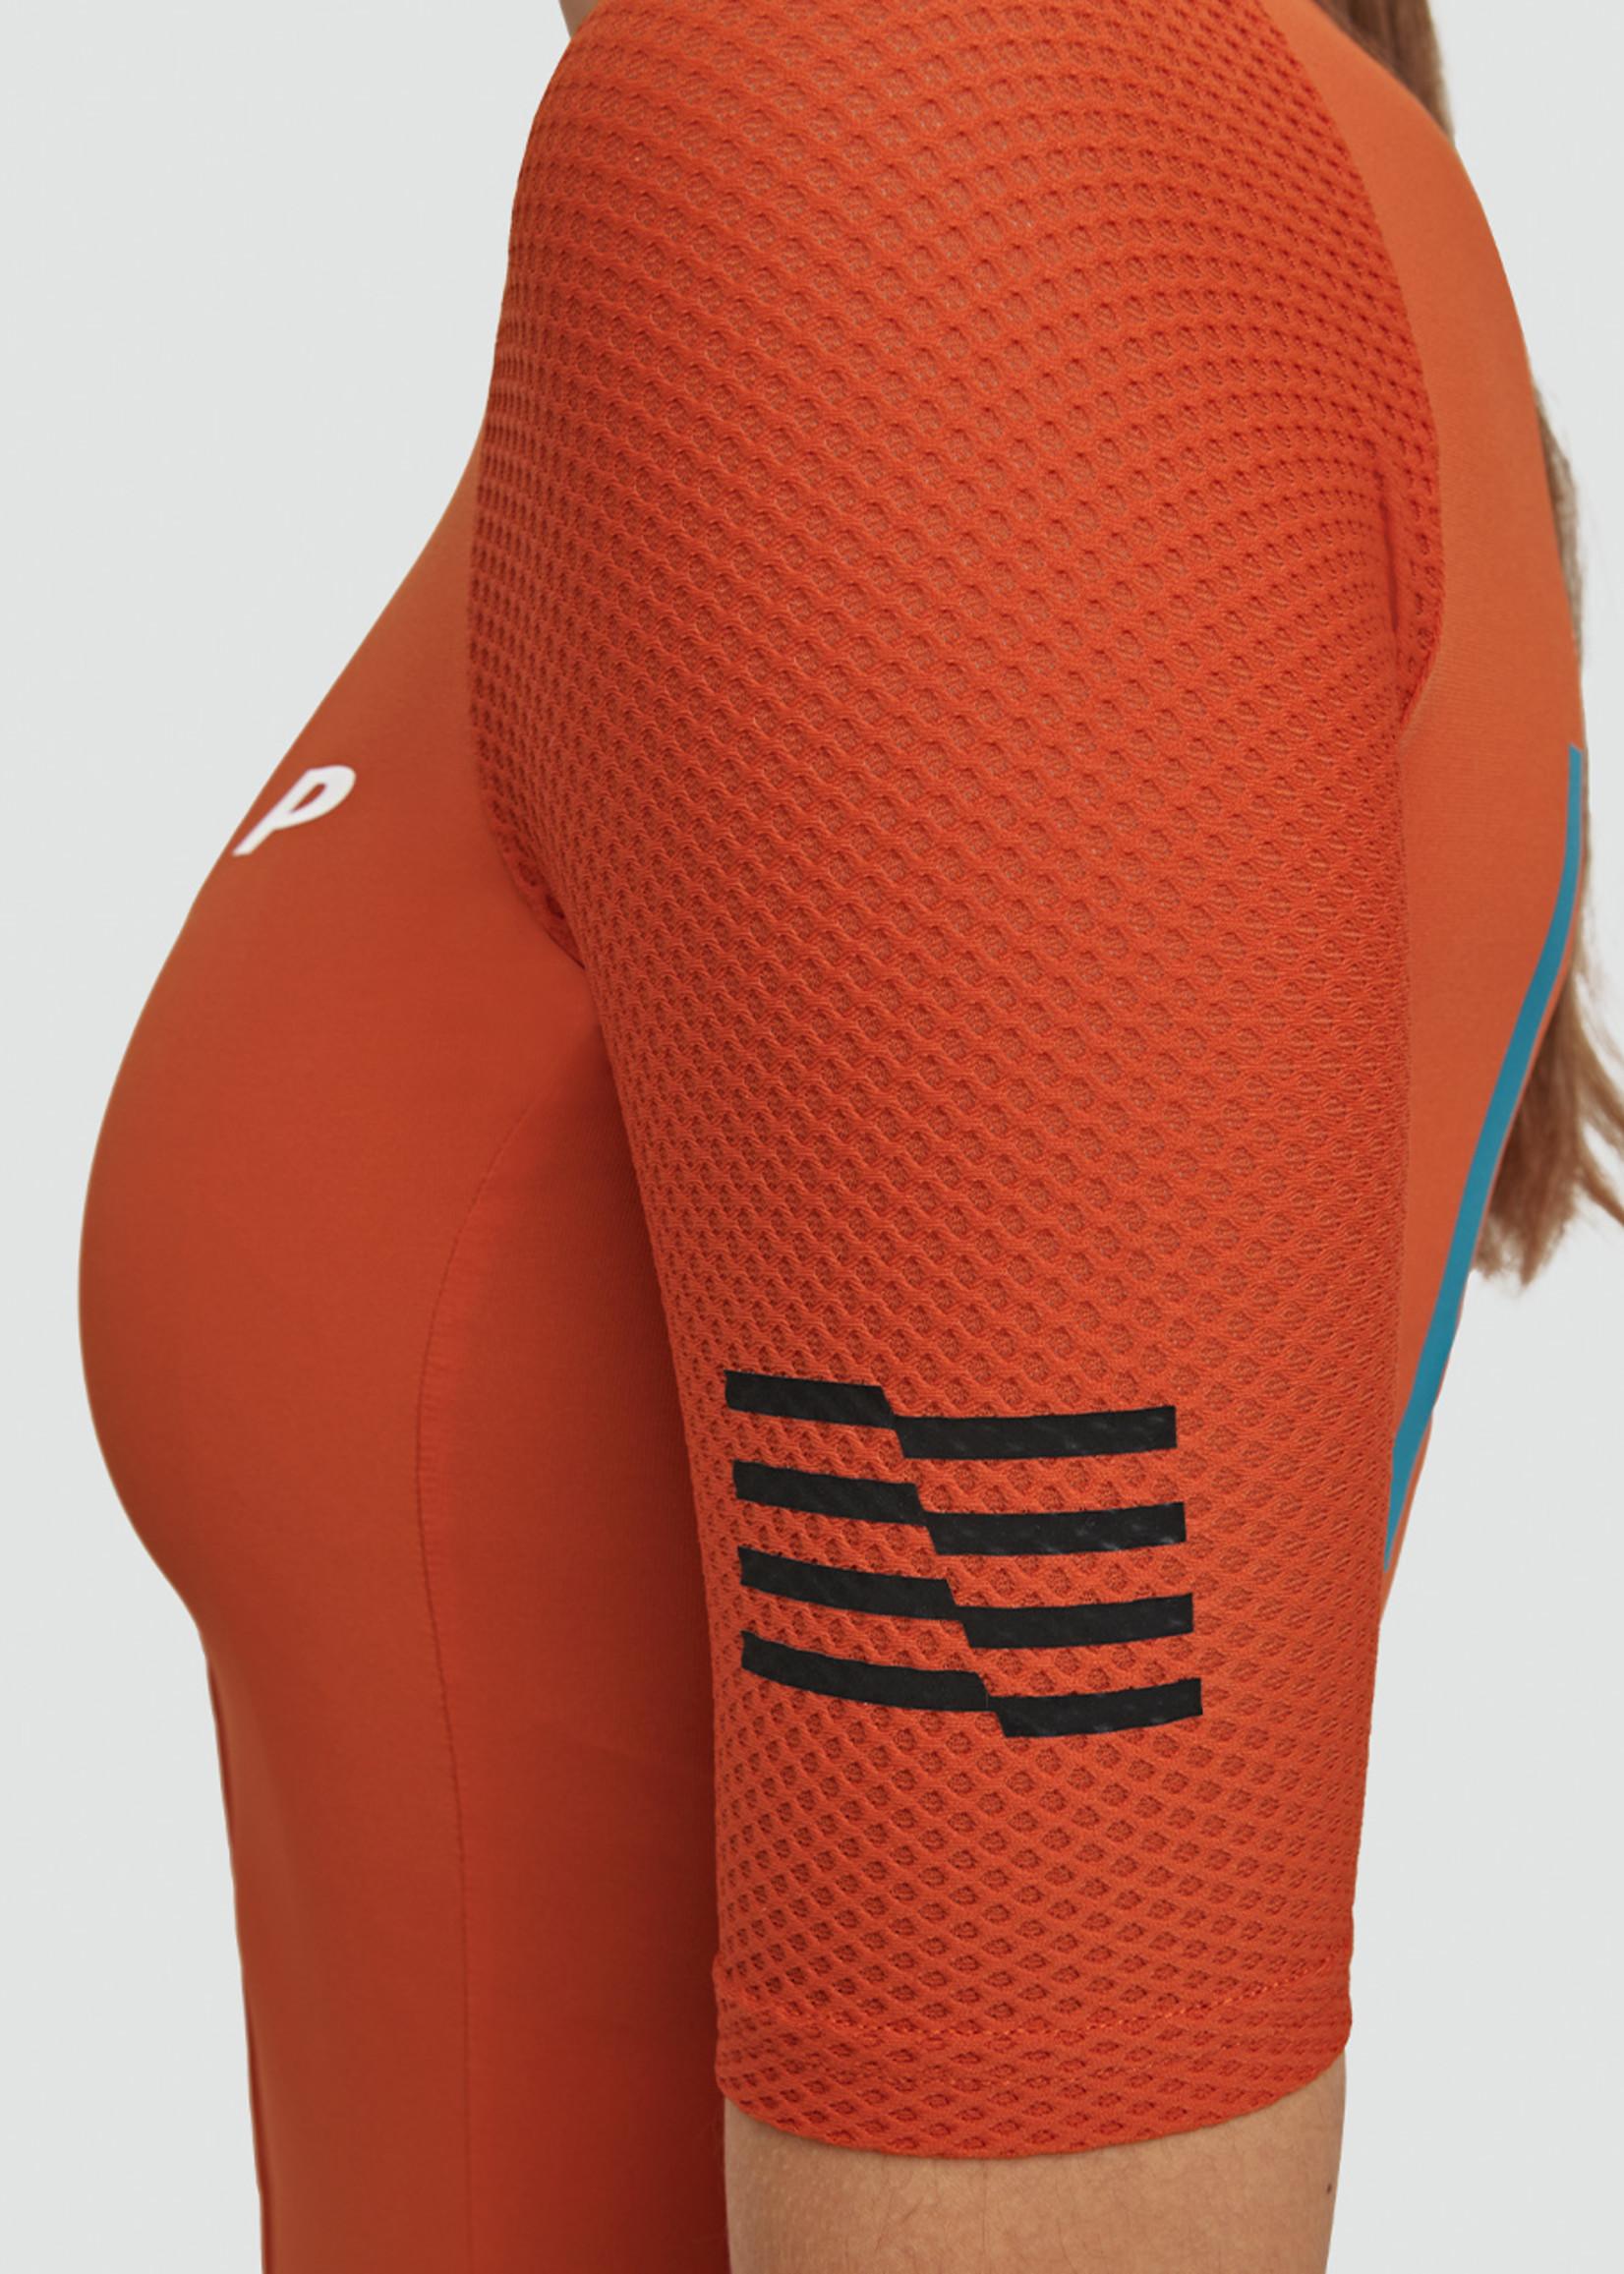 Maap Women's Evade Pro Base Jersey - Brick